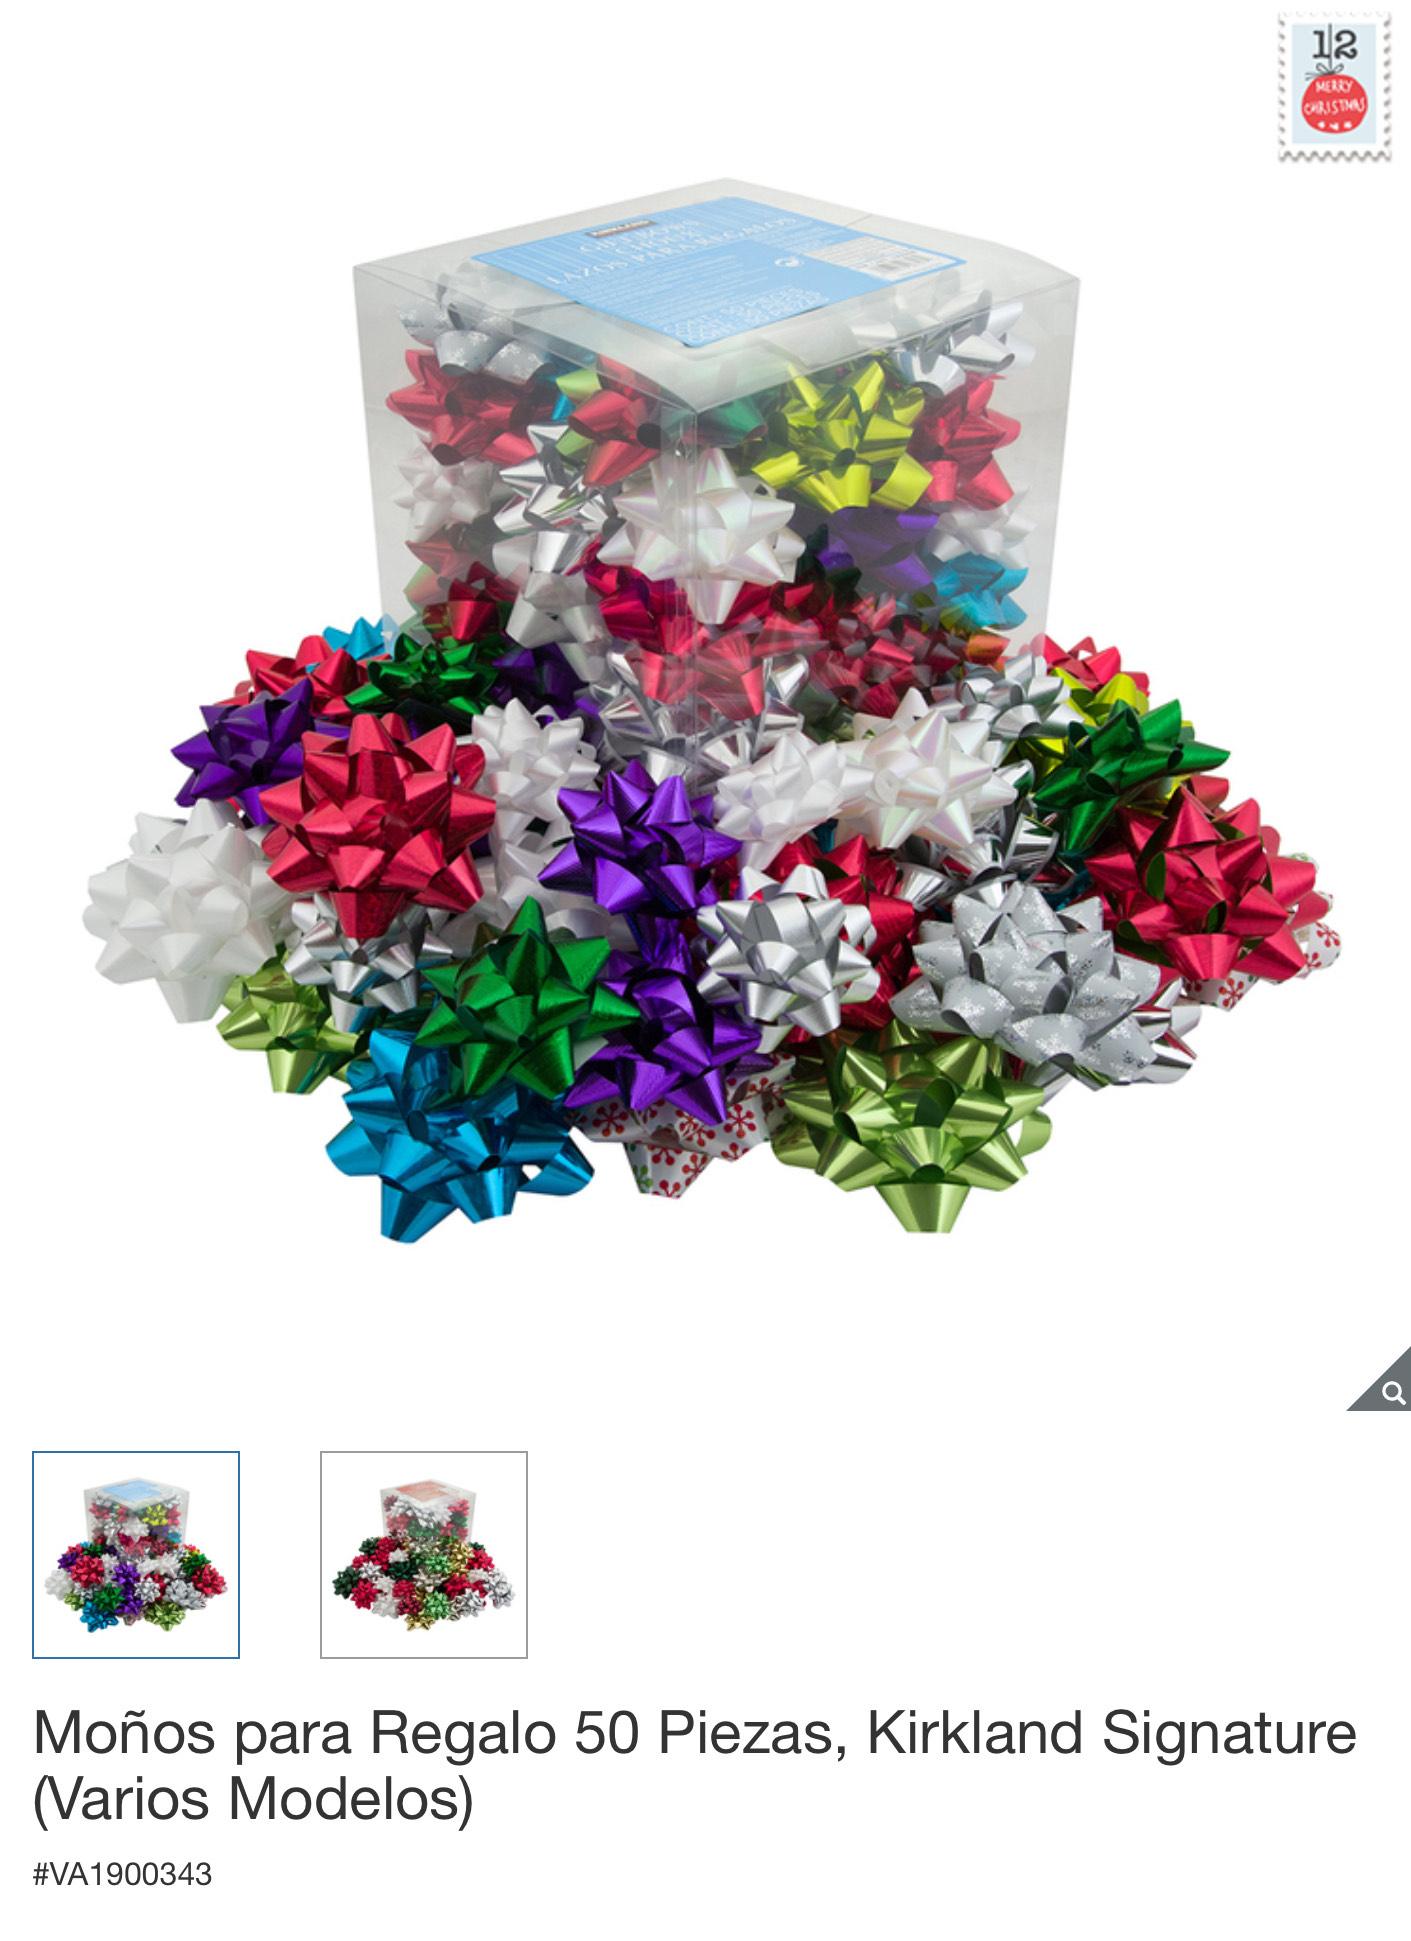 Costco 50 súper moños para regalos, de $199.00 a $99.00